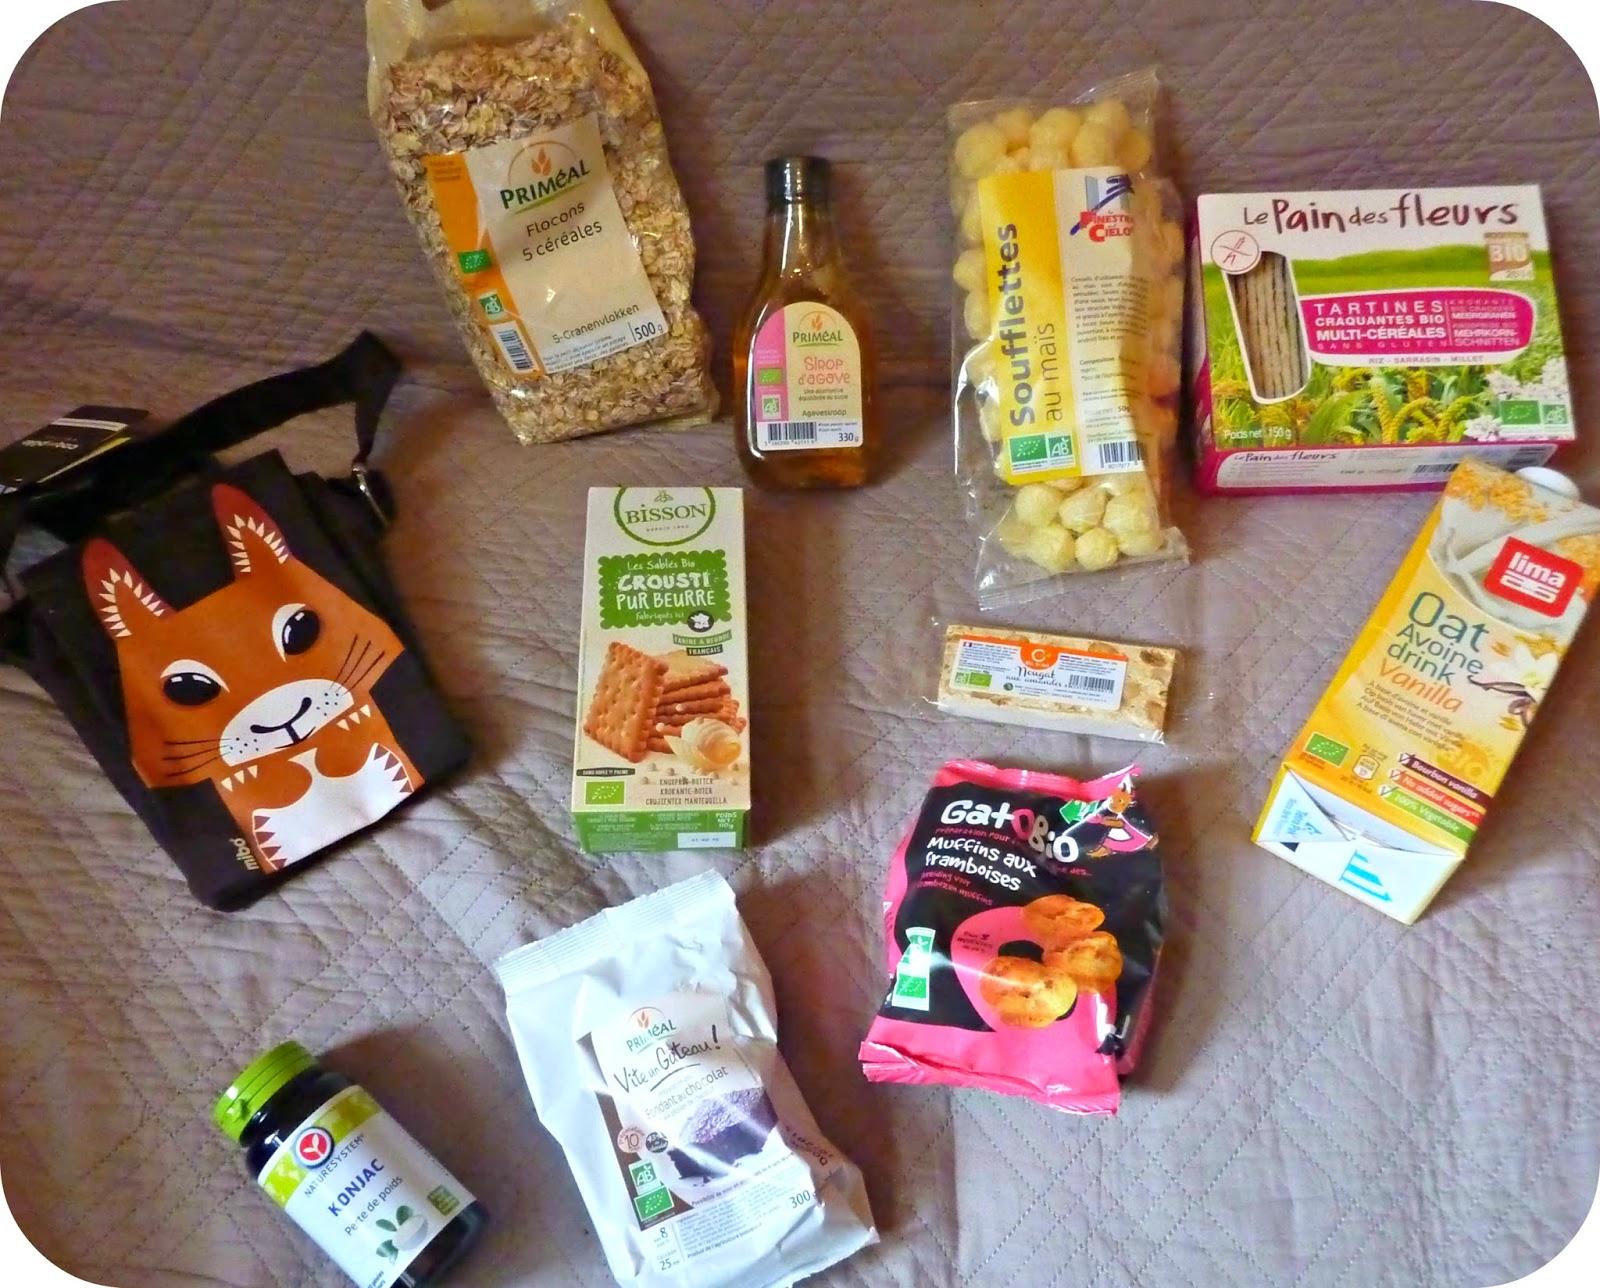 produits écologiques et biologiques